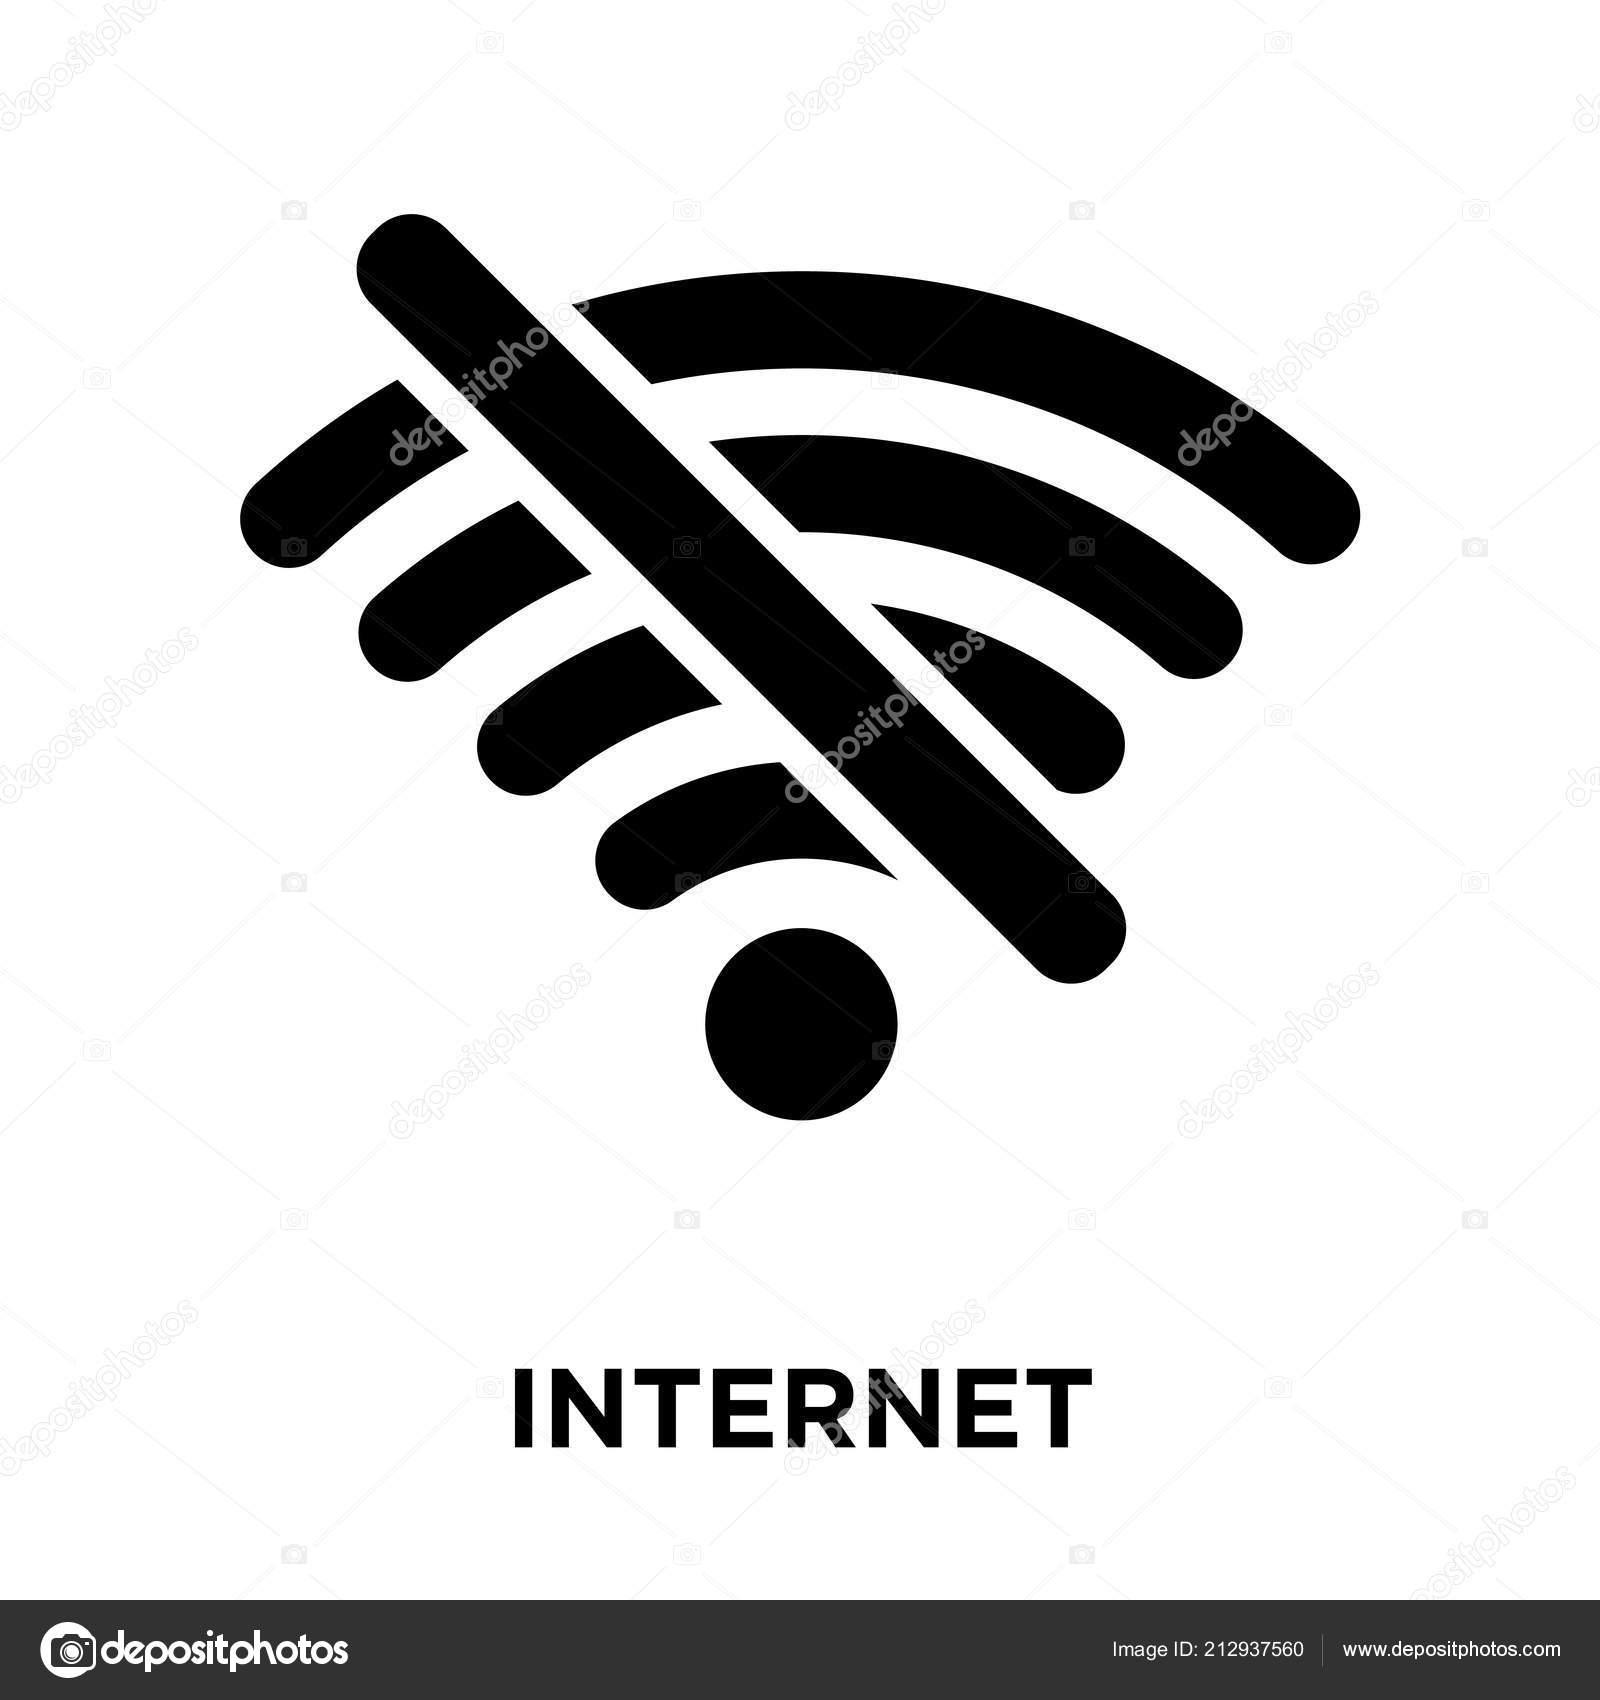 Internet Verbindungen Aus Symbol Vektor Isoliert Auf Weißem